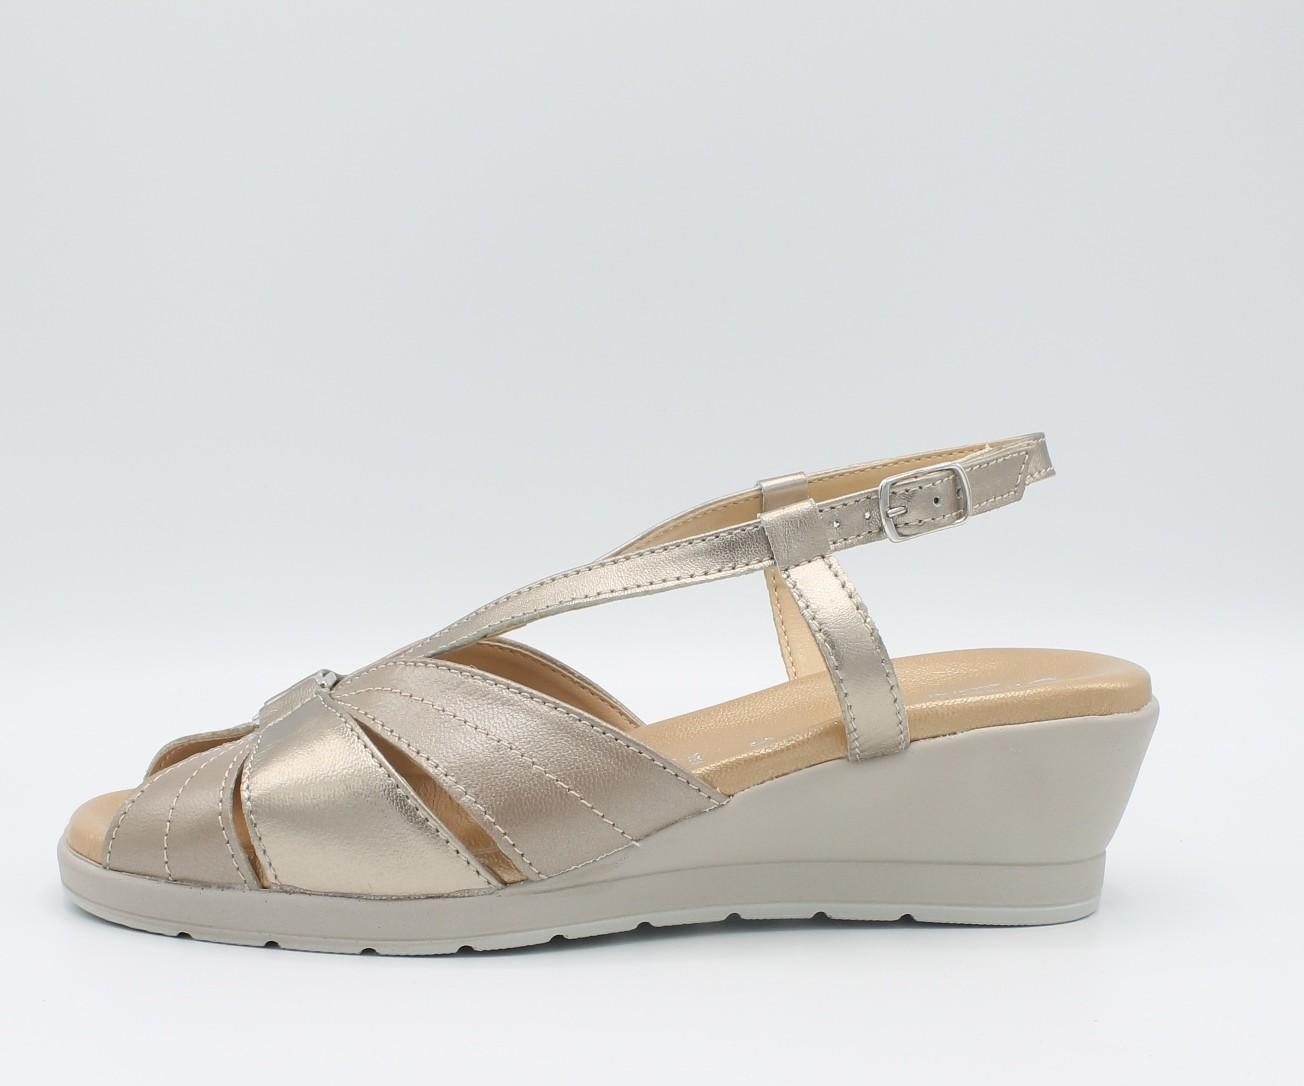 289a053b51dbb CINZIA SOFT IO803 Scarpe donna sandali linea comoda in pelle laminato oro  perla - Angela Barba